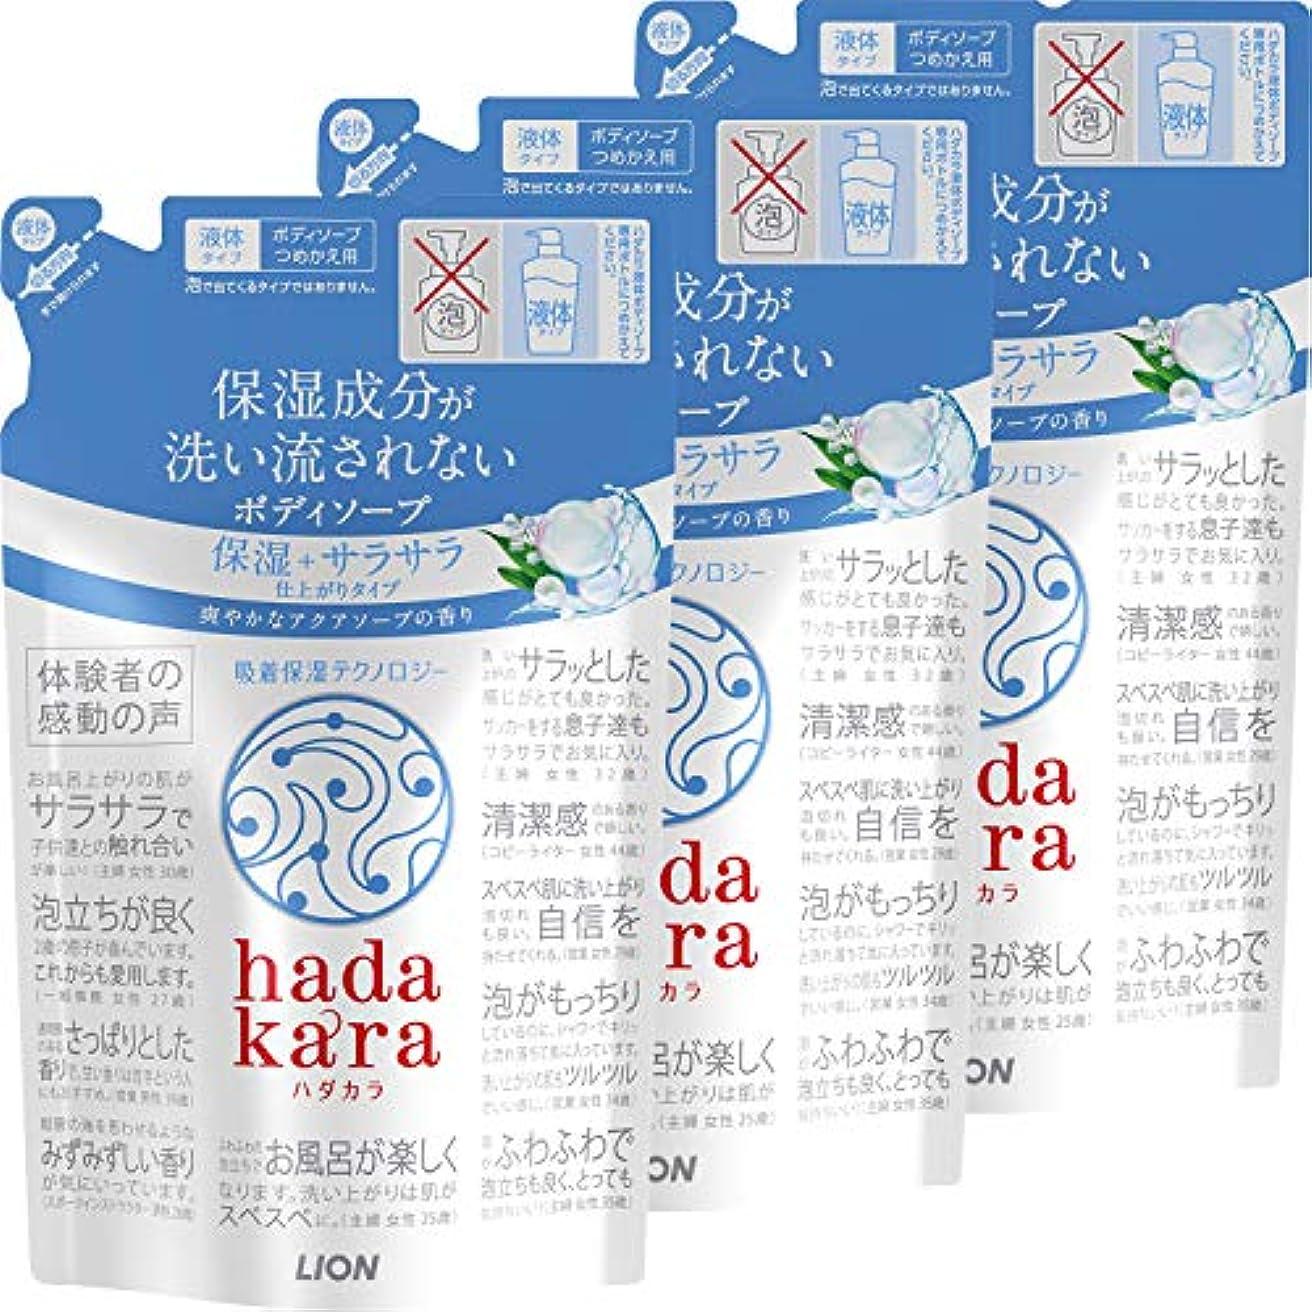 護衛区別拷問hadakara(ハダカラ) ボディソープ 保湿+サラサラ仕上がりタイプ アクアソープの香り つめかえ340ml×3個 アクアソープ(保湿+サラサラ仕上がり) 詰替え用